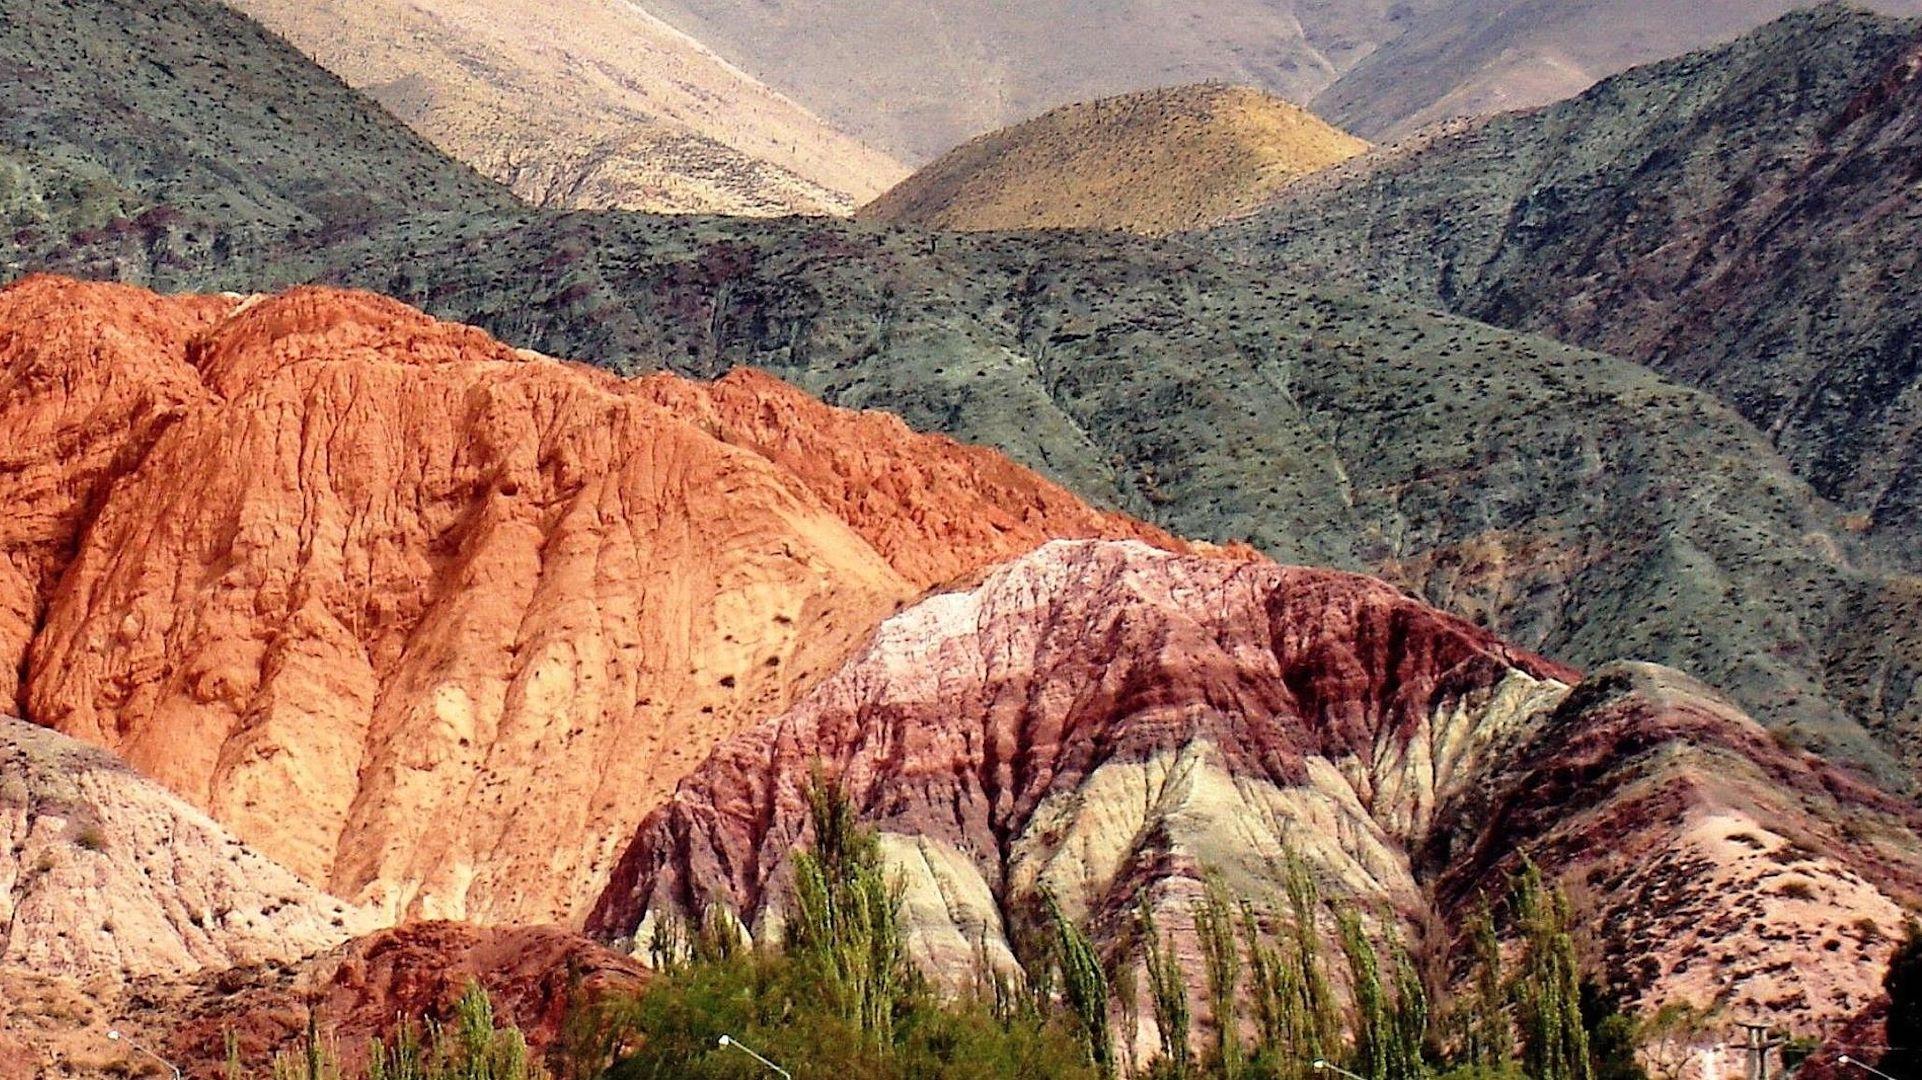 Cómo llegar a Purmamarca, sede del cerro de los Siete Colores